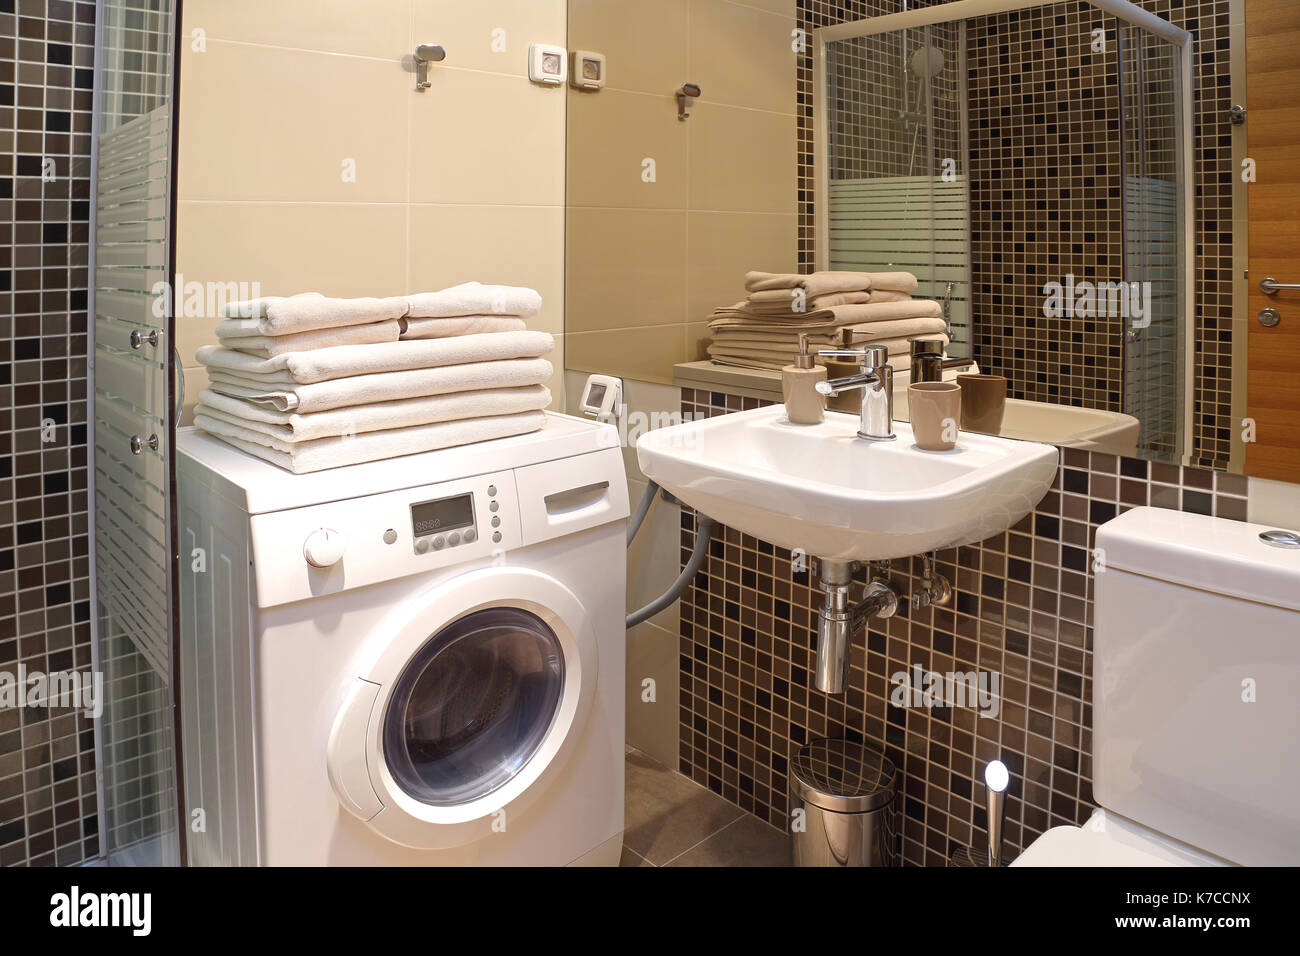 Lave Linge Dans Salle De Bain petite salle de bains moderne avec lave-linge banque d